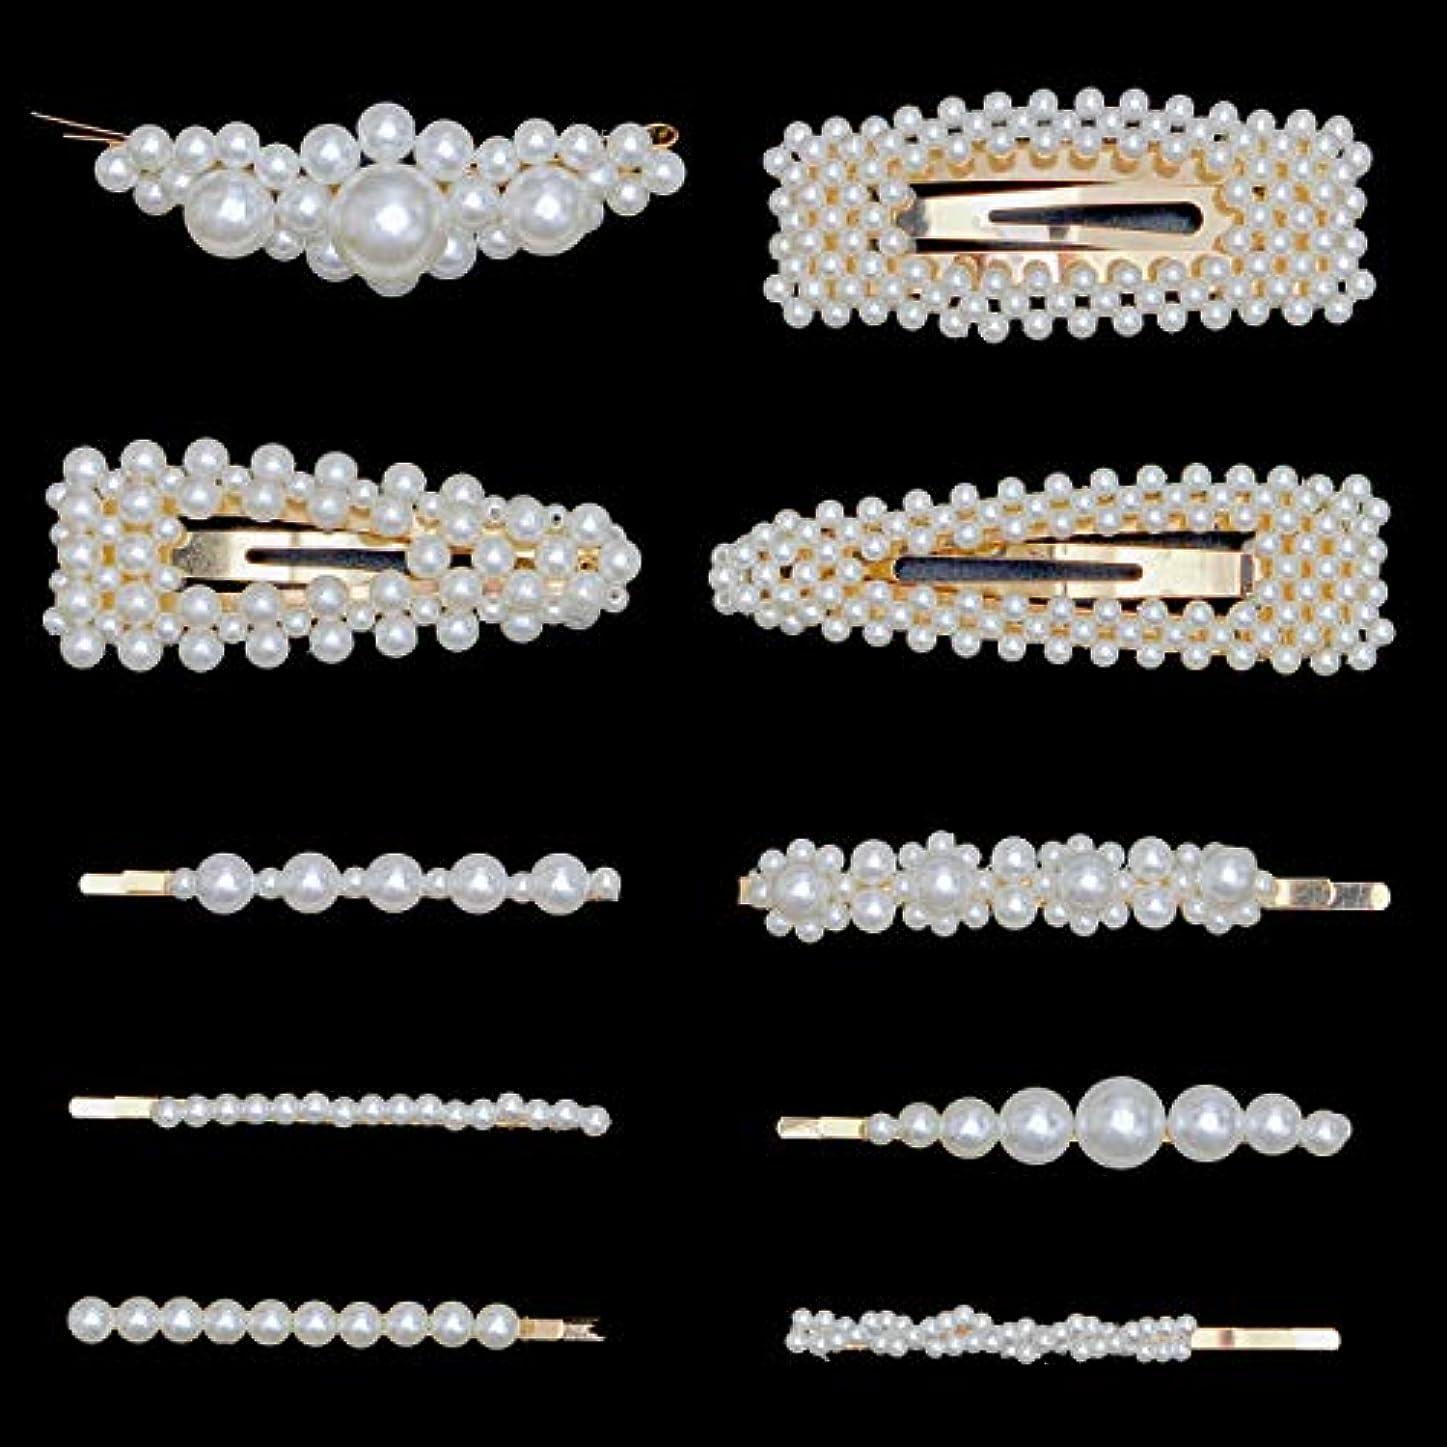 アブストラクト簡単に増加するヘアクリップ LABOA 女性 パールヘアピン 10枚 人造 ファッション パールワニヘアピン バービークリップ パーティー 宴会 結婚式用 飾りピン